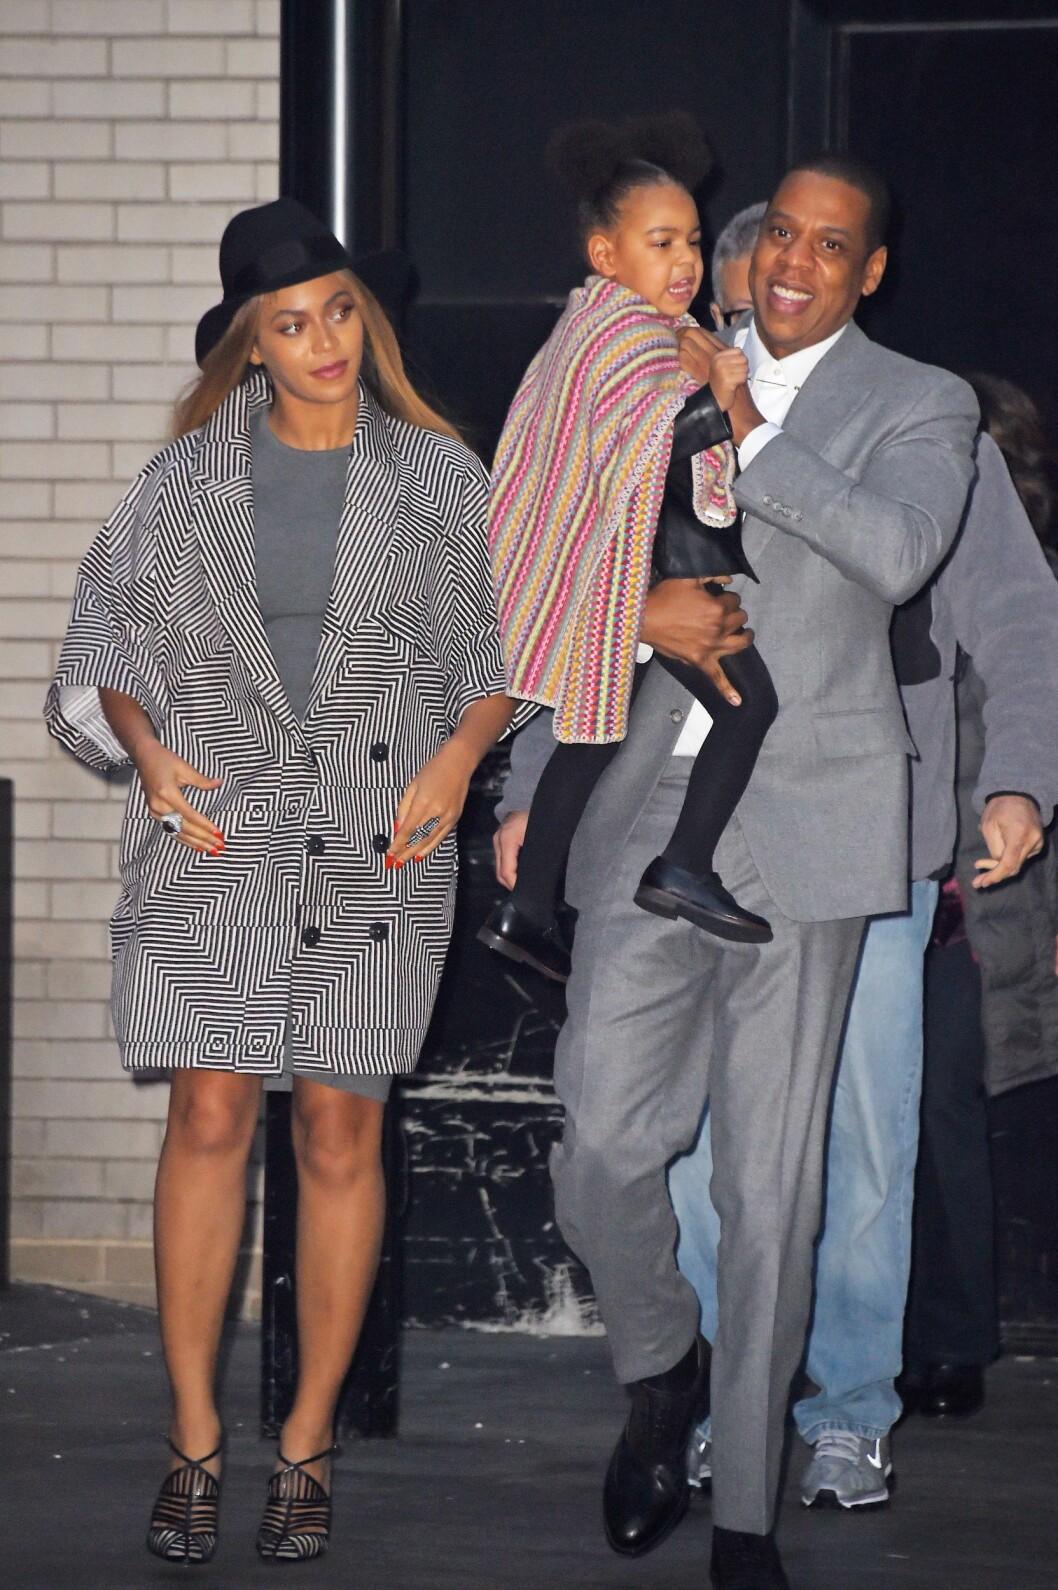 FLOTT TREKLØVER: Siden 2012 har Beyoncé og Jay Z vært foreldre for datteren Blue Ivy Carter. Her er trioen fotografert på Manhattan i New York før jul i 2014.  Foto: Buzzfoto.com